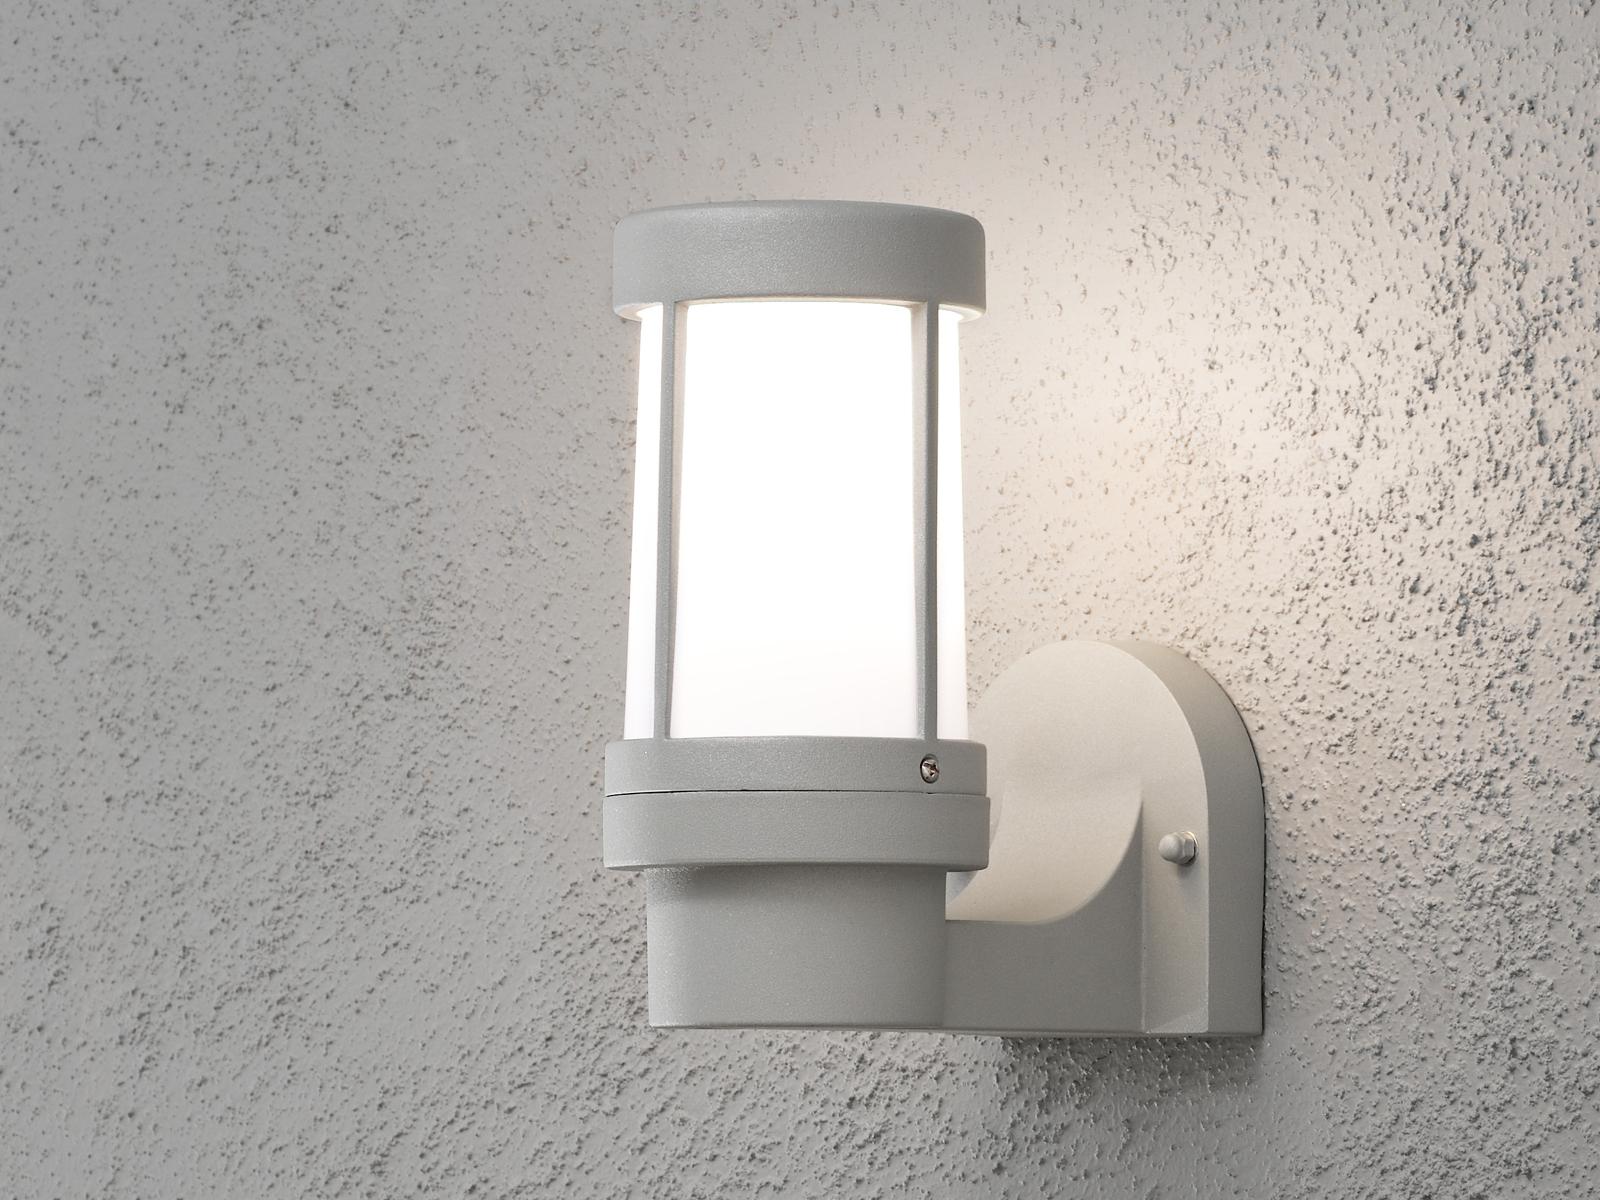 Unglaublich Außenbeleuchtung Terrasse Galerie Von Das Bild Wird Geladen Konstsmide-wandleuchte-siena-grau-dimmbar- Aussenbeleuchtung-terrasse--